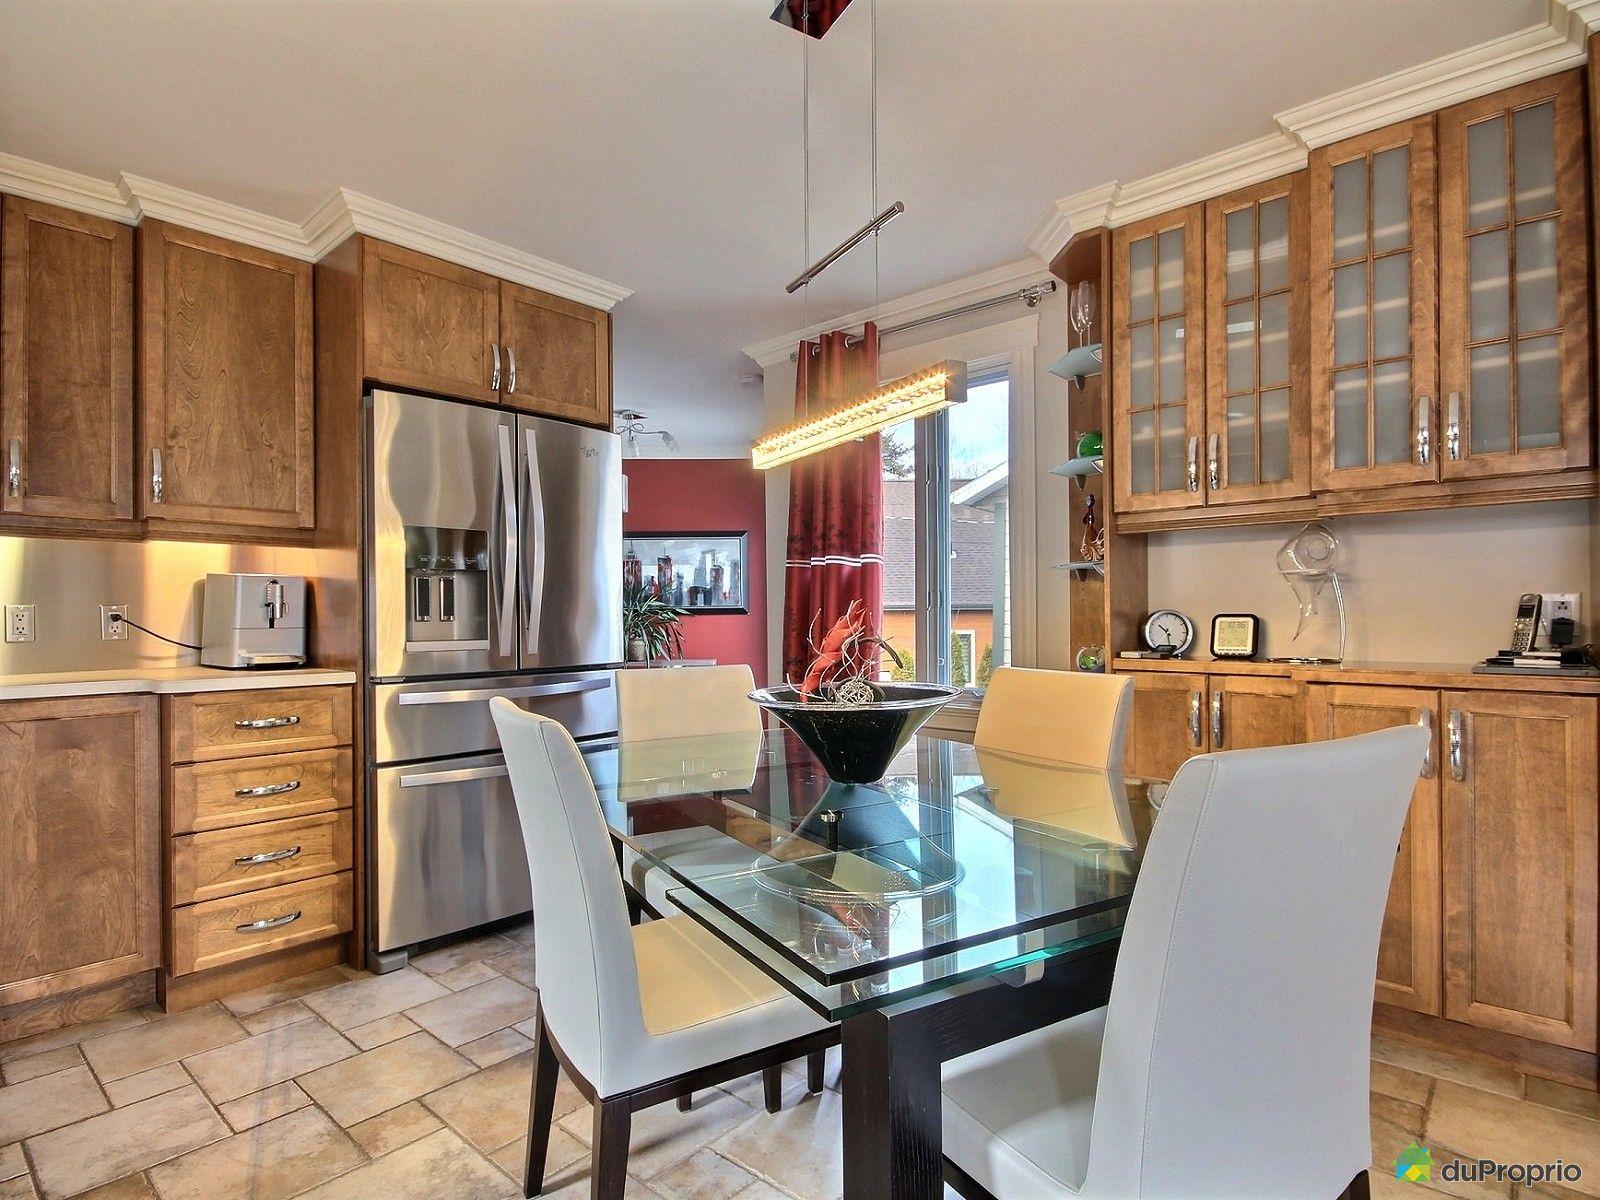 Maison vendre rimouski 50 rue du givre immobilier for Cuisine 50 rue condorcet